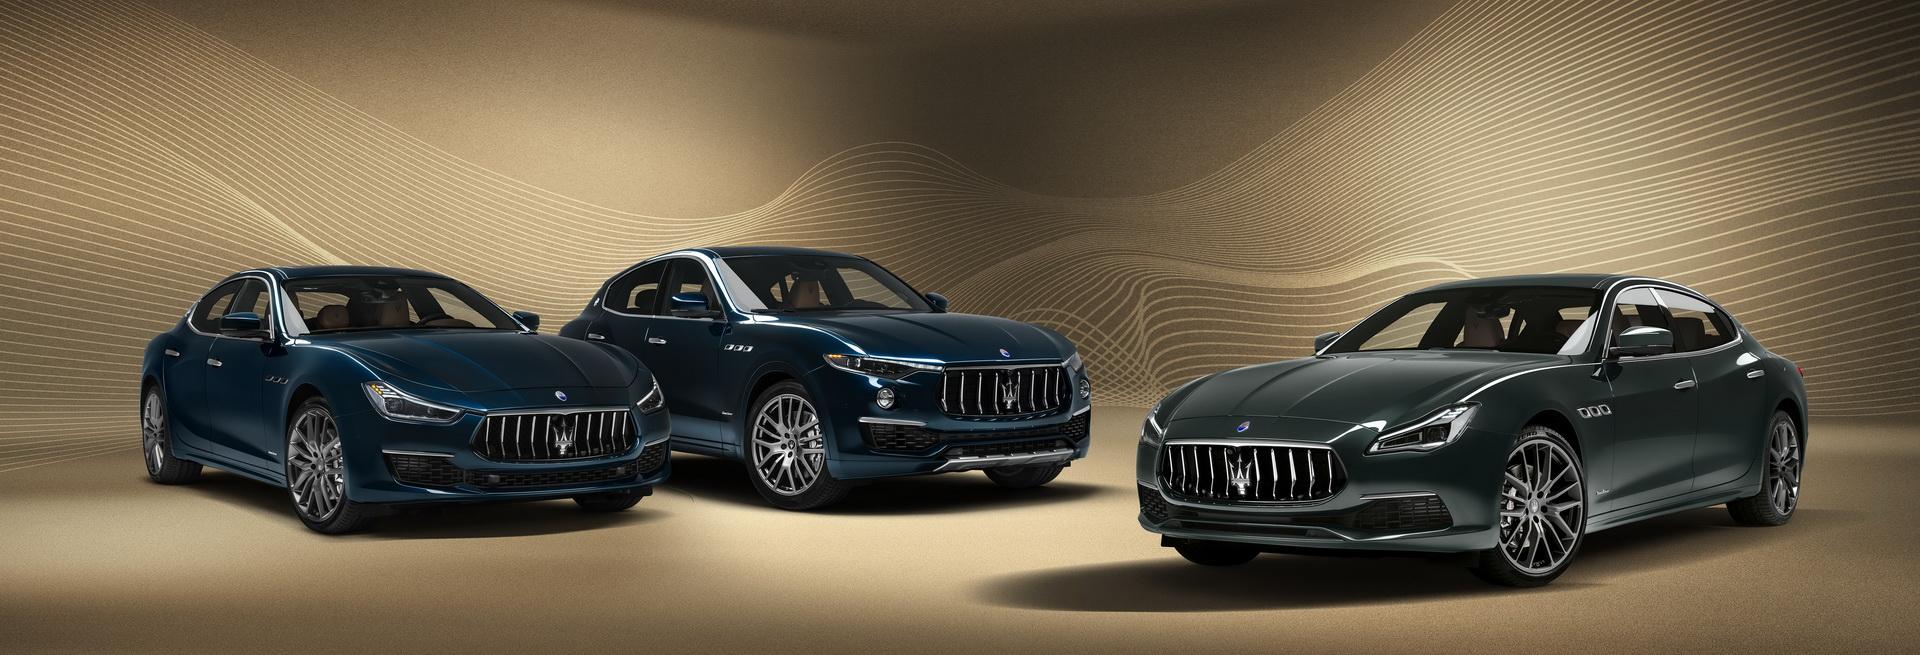 Maserati-Quattroporte-Levante-And-Ghibli-Royale-editions-2